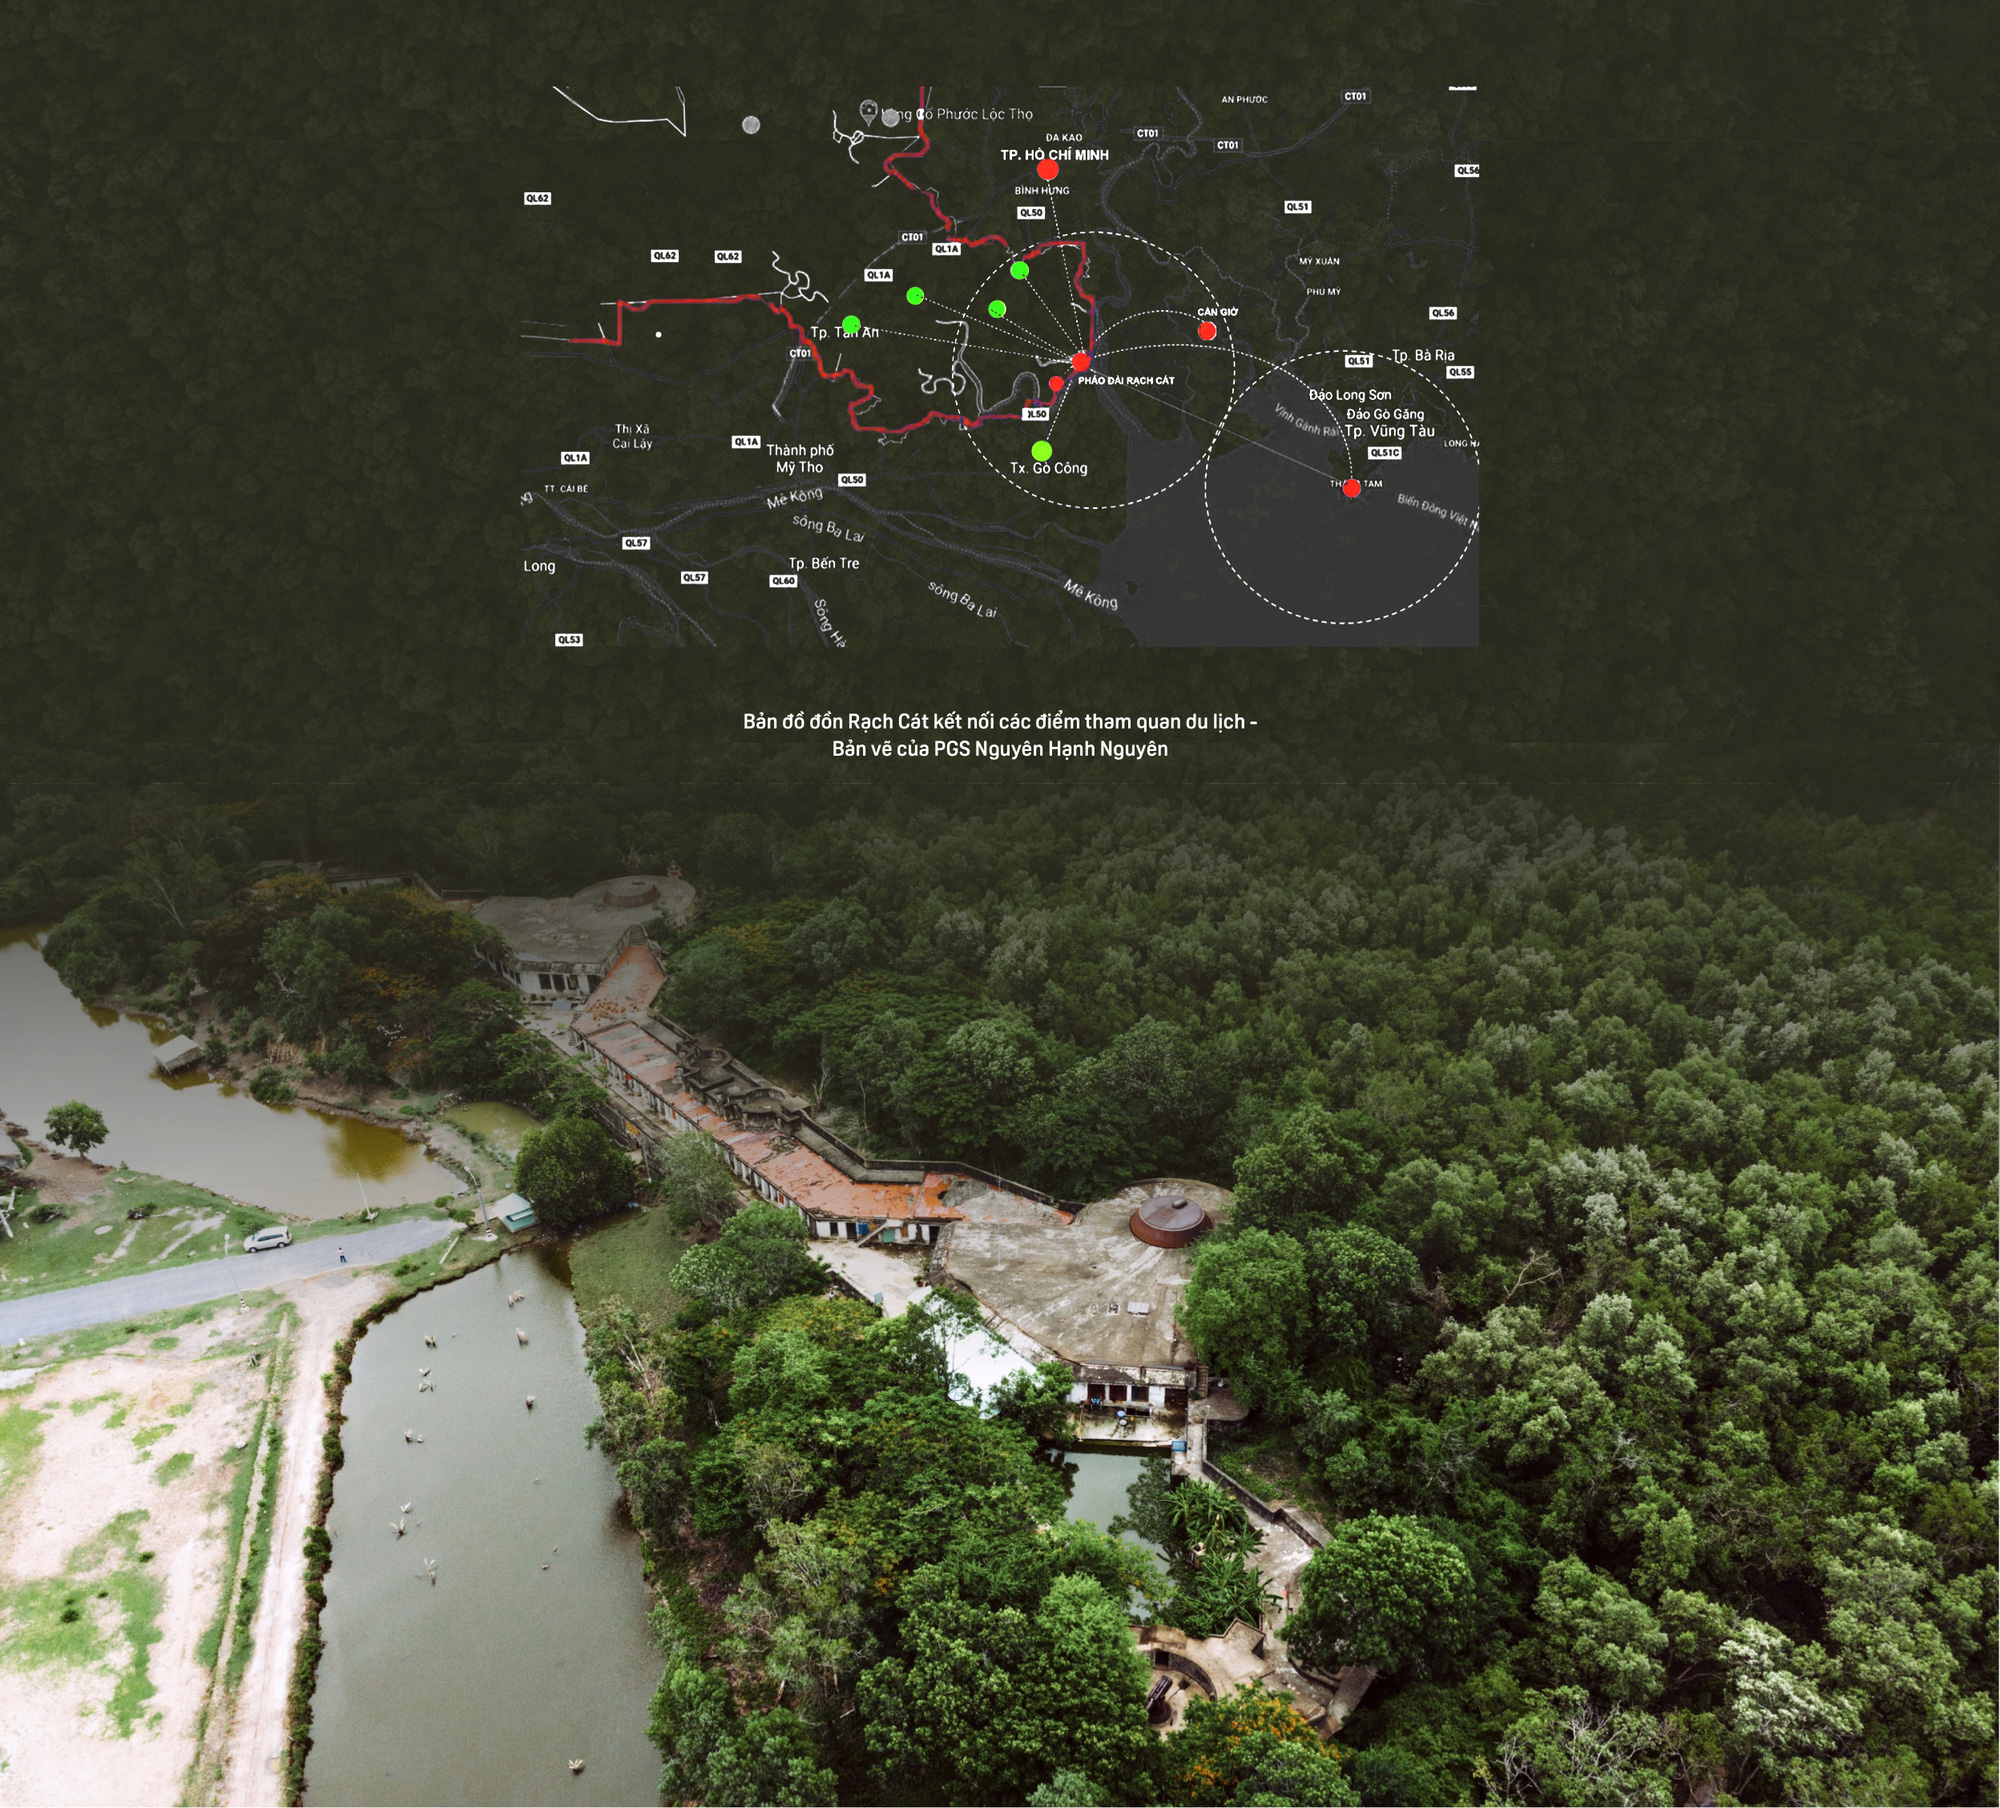 Bên trong Đồn Rạch Cát - pháo đài lớn nhất Đông Dương - Ảnh 15.